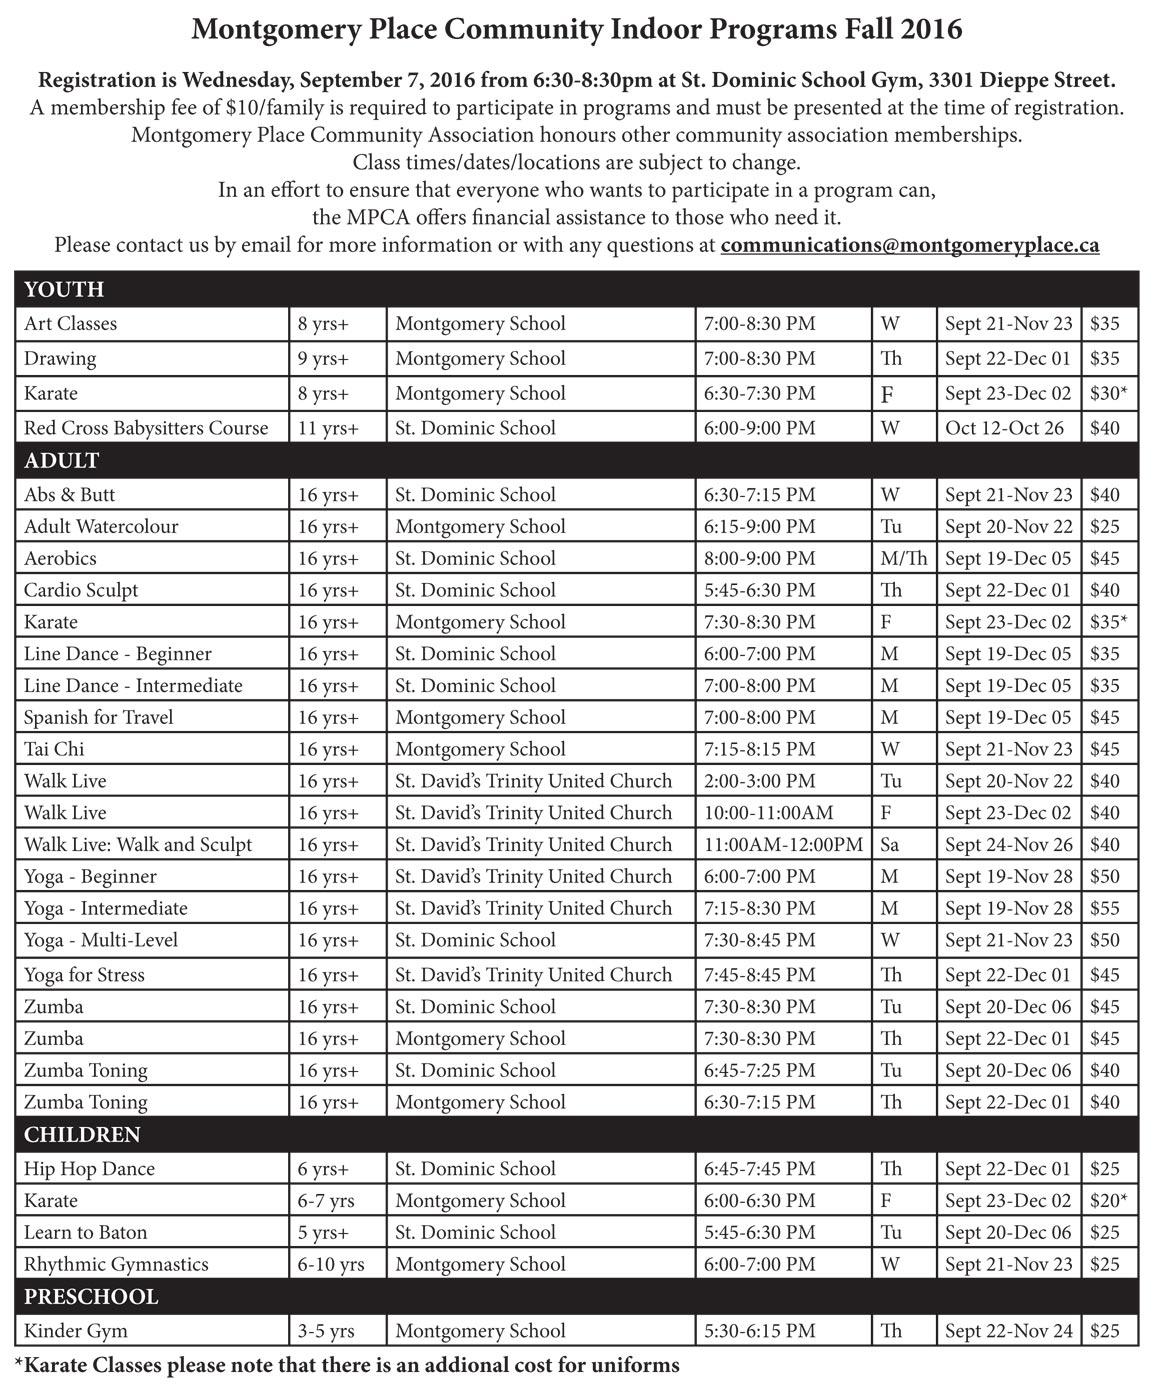 Fall Indoor Program Registration 2016 Reminder